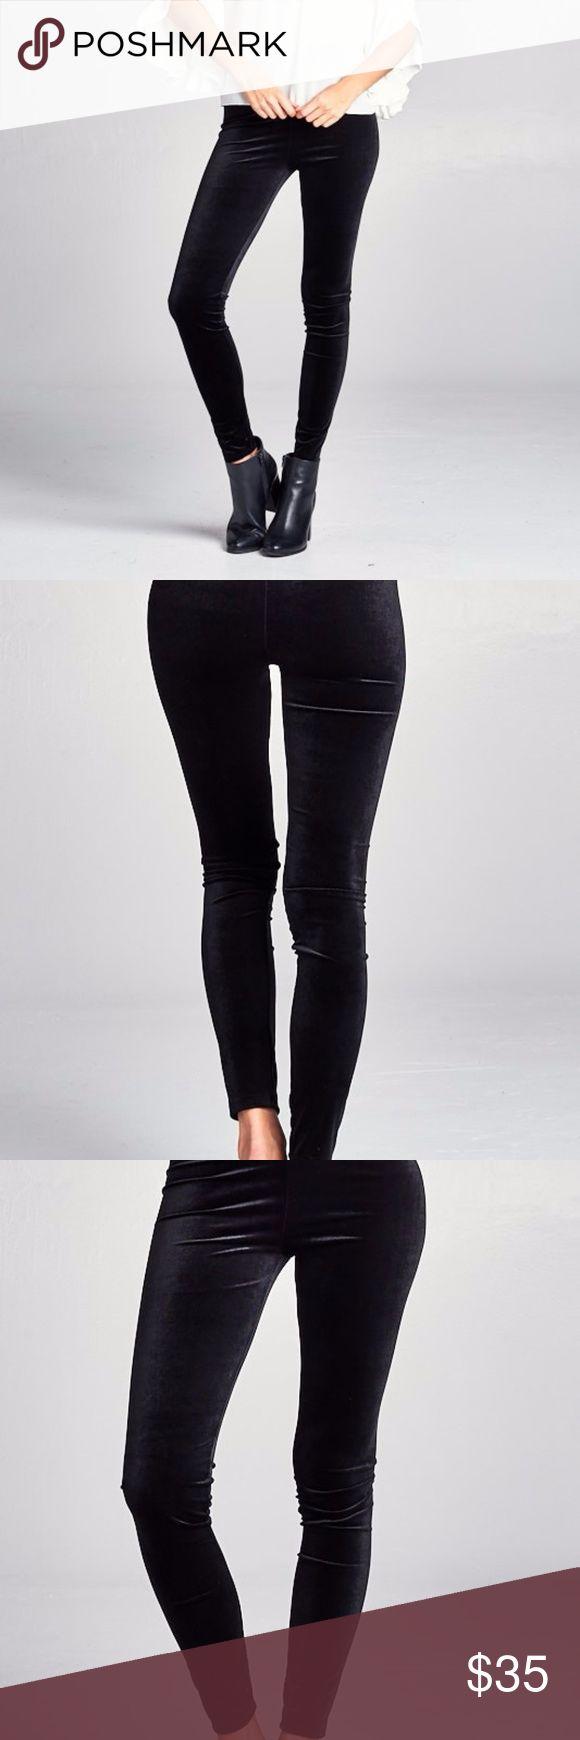 Black Velvet Leggings Velvet high waist stretch leggings. Discount Available with bundles. Fierce Broad Pants Leggings